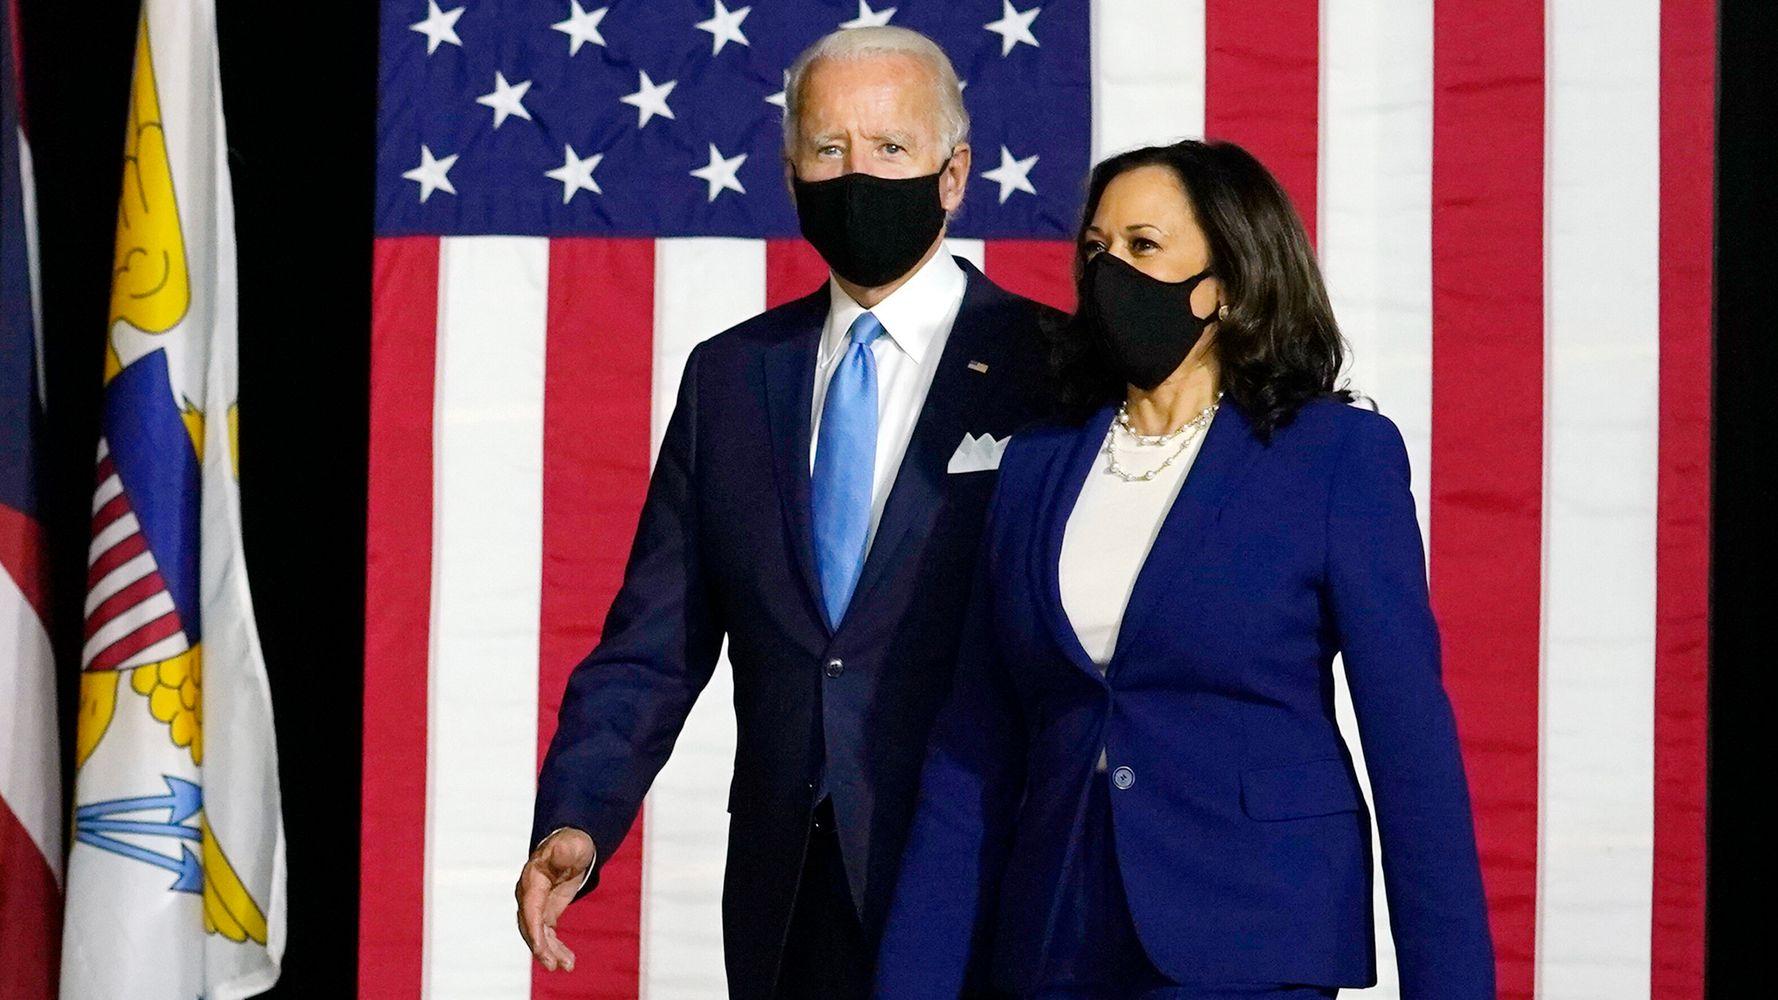 Let's Talk About Joe Biden's American Flag Socks 1